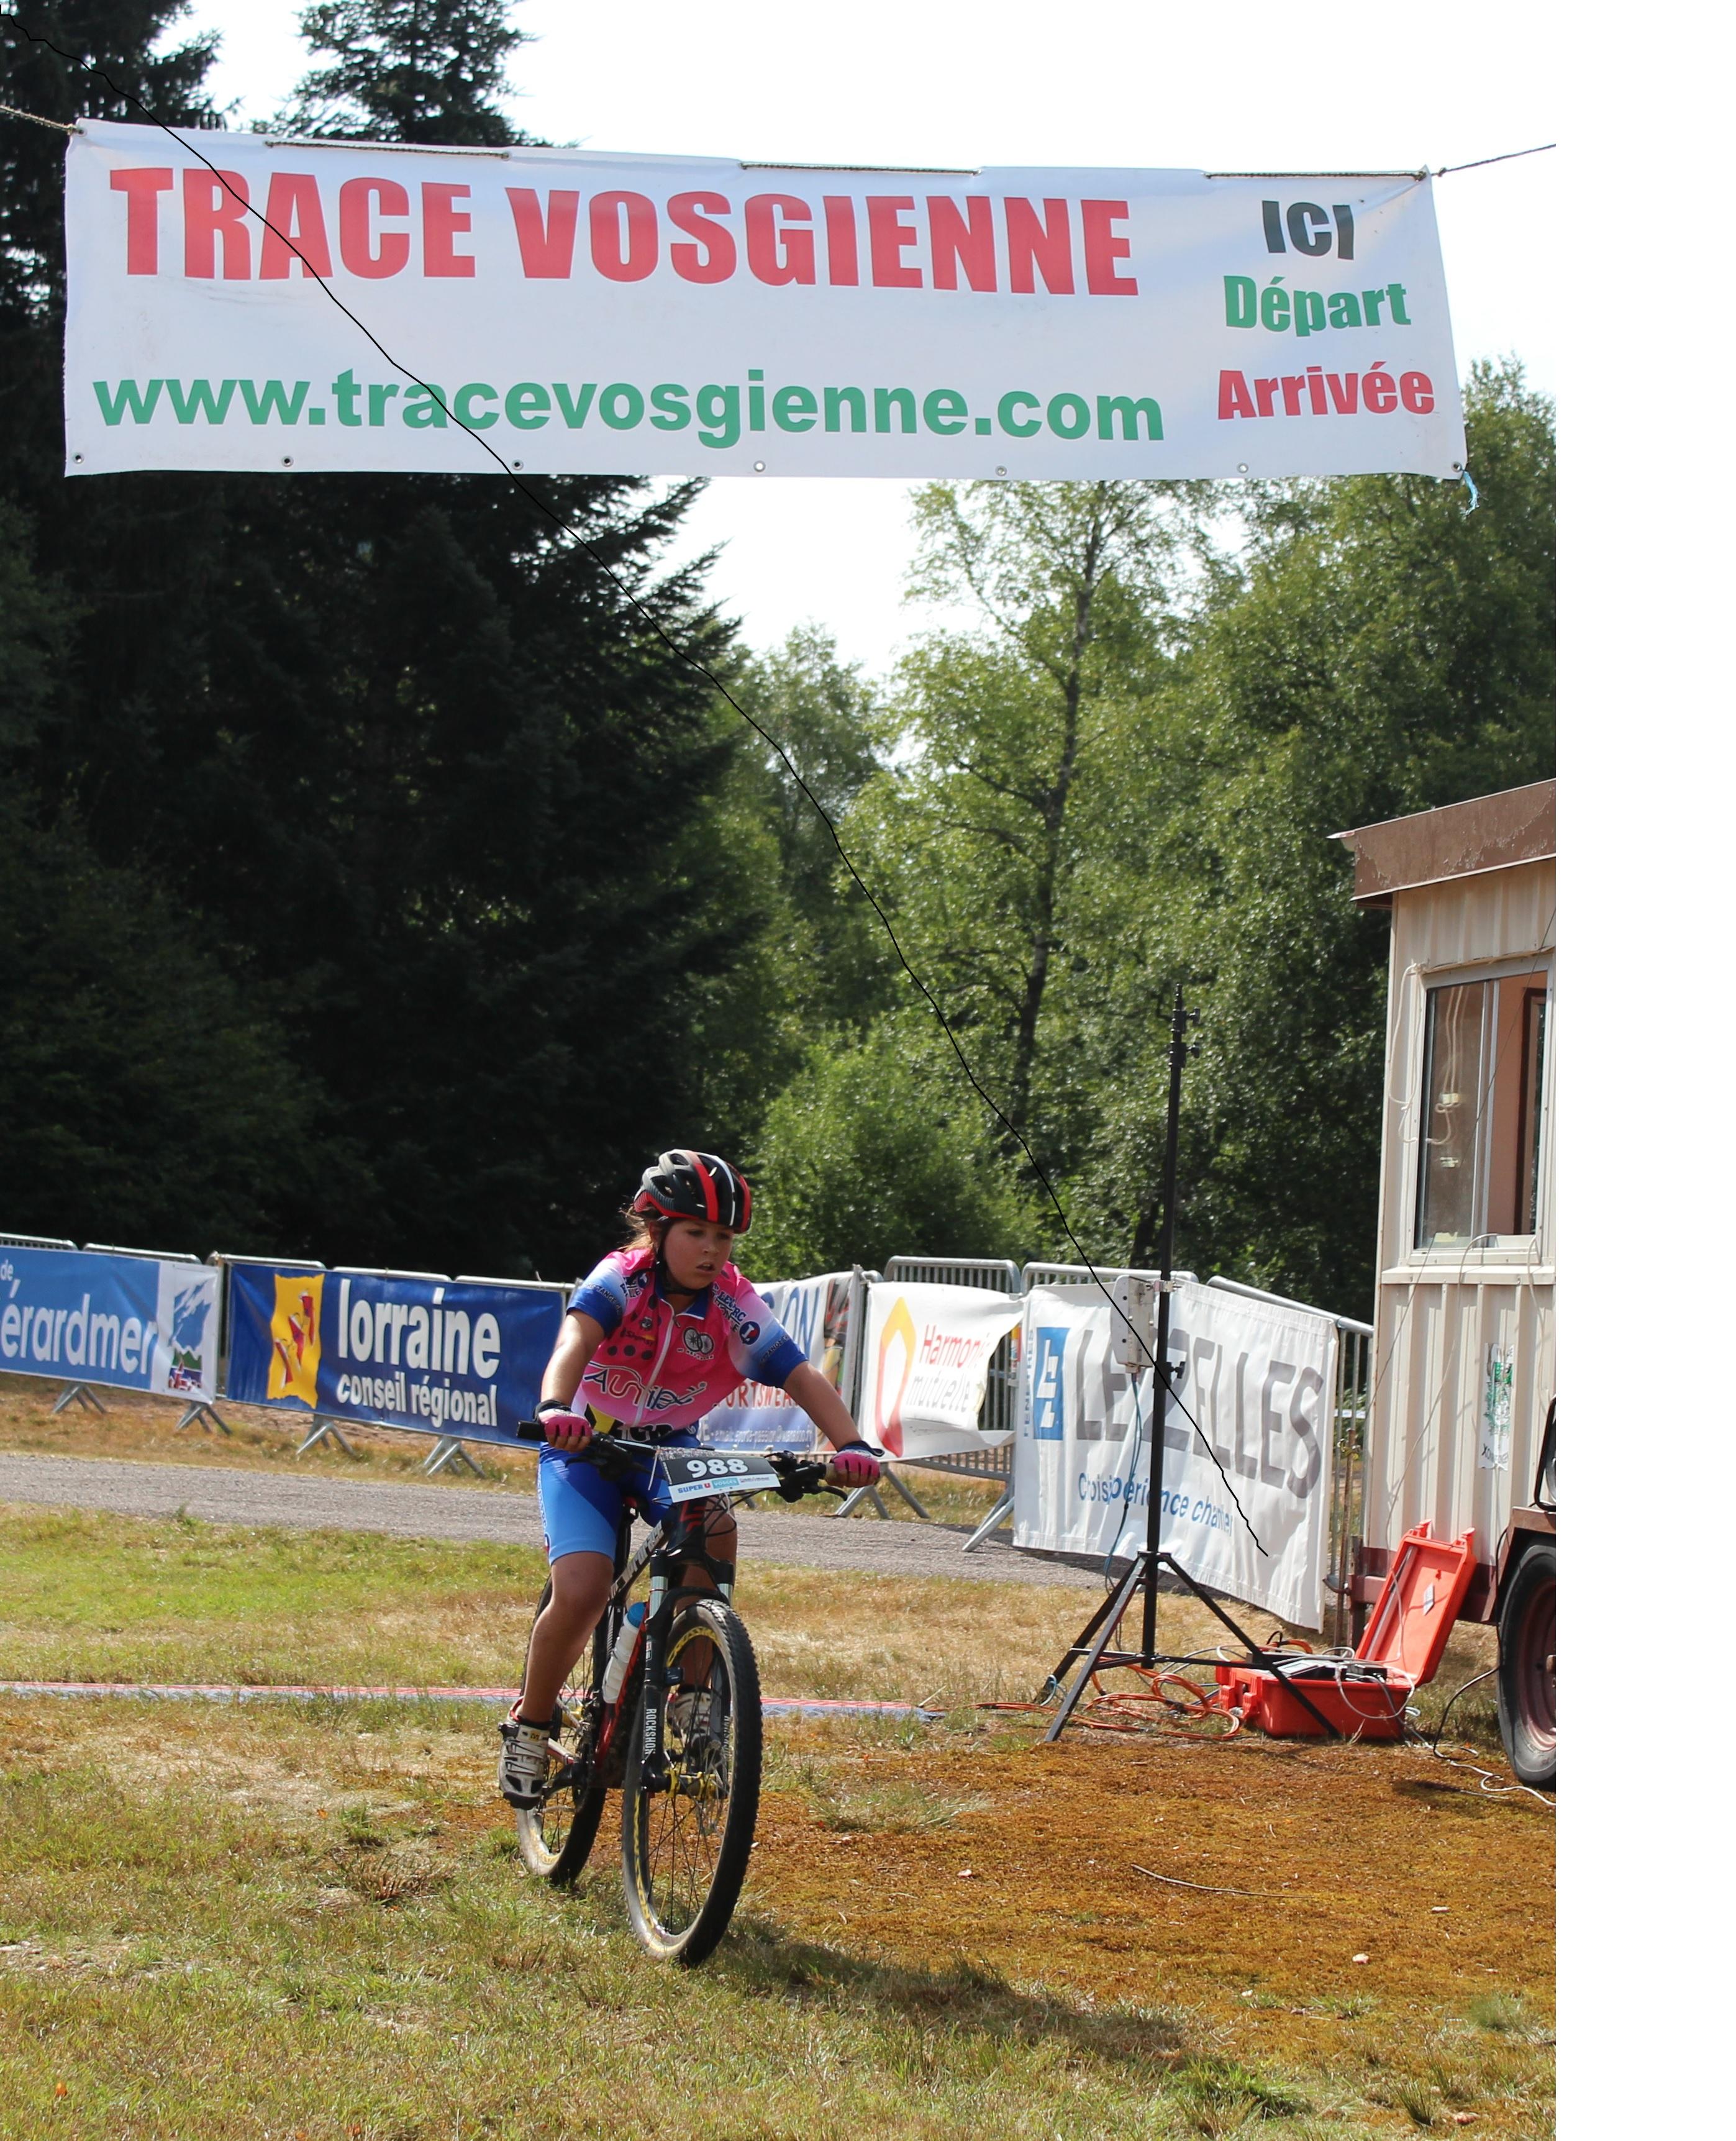 VTT «La Trace Vosgienne» à Xonrupt  : dans la catégorie Pupilles – Claire Zeimeth l'emporte chez les Filles et Paul Smykowski se classe second chez les Garçons